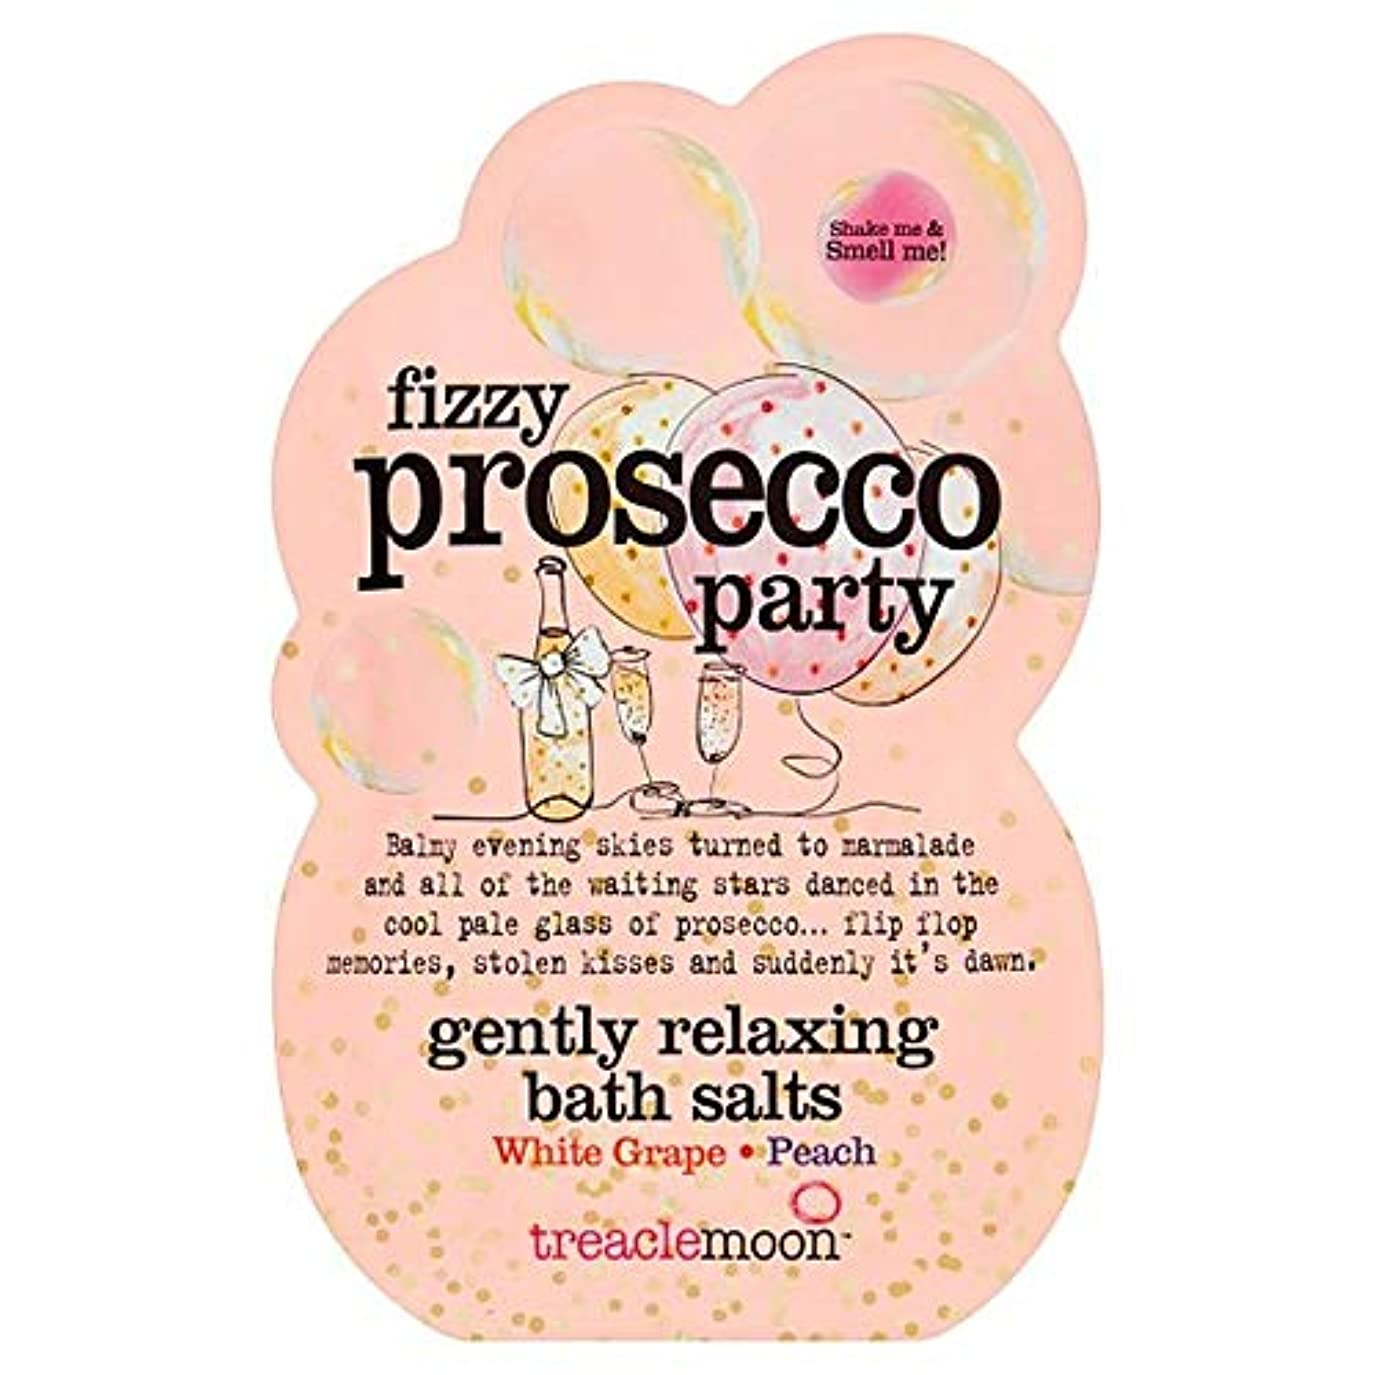 ポンペイエジプトメーカー[Treacle Moon] Treaclemoonプロセッコパーティーバスソルトの80グラム - Treaclemoon Prosecco Party Bath Salts 80G [並行輸入品]